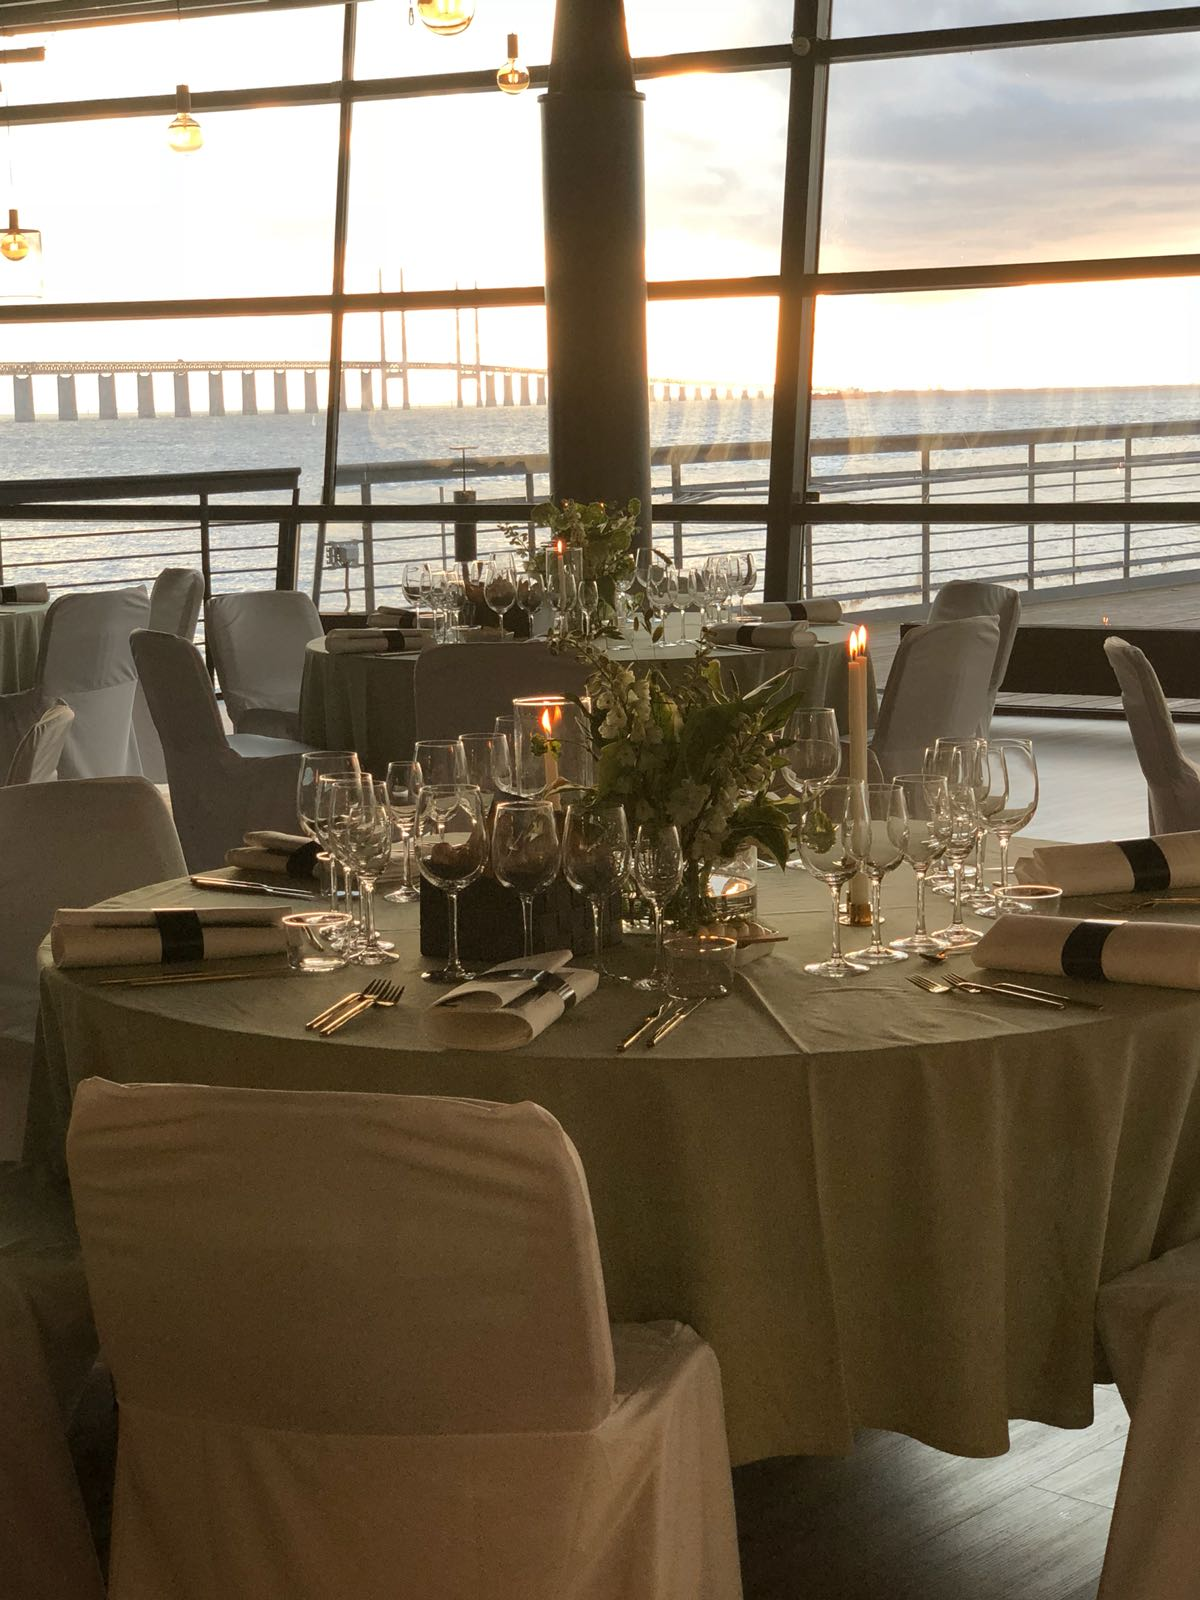 Bröllopsfest dukning utsikt Luftkastellet Malmö